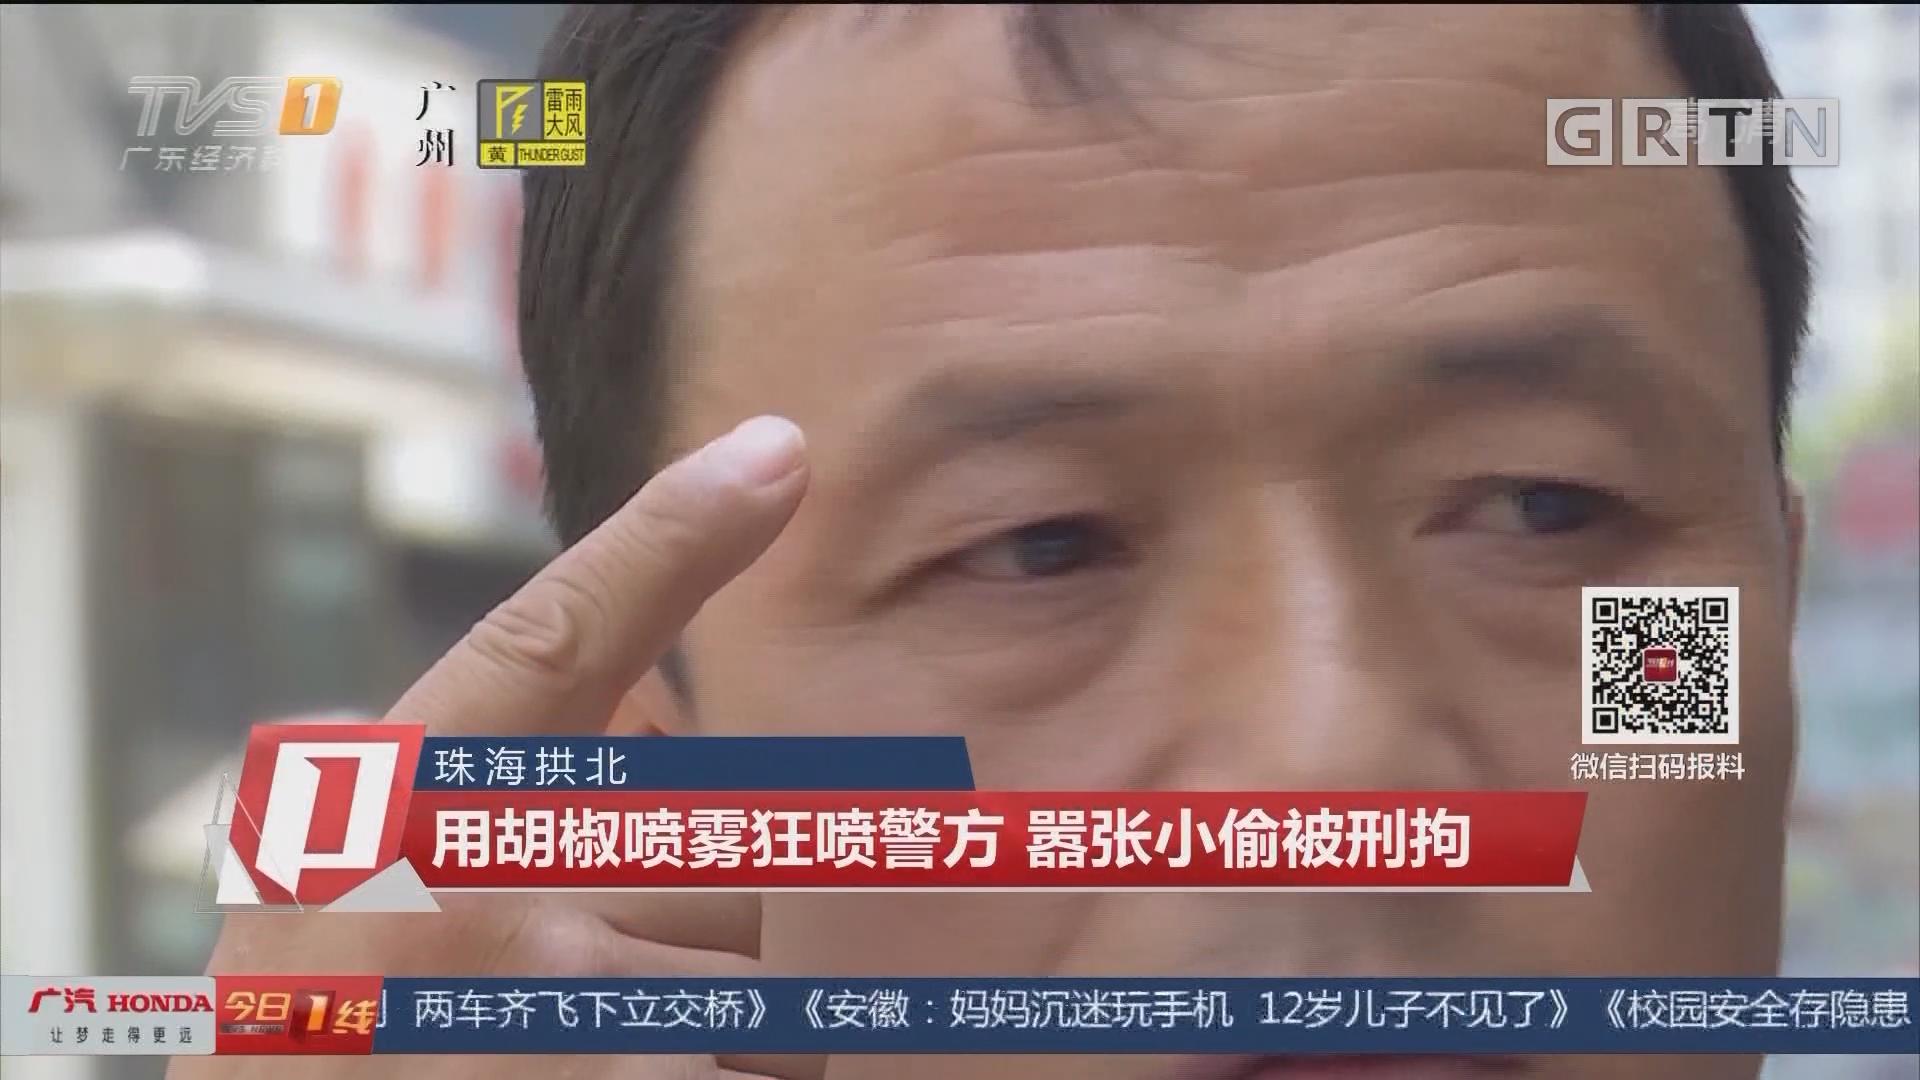 珠海拱北:用胡椒喷雾狂喷警方 嚣张小偷被刑拘